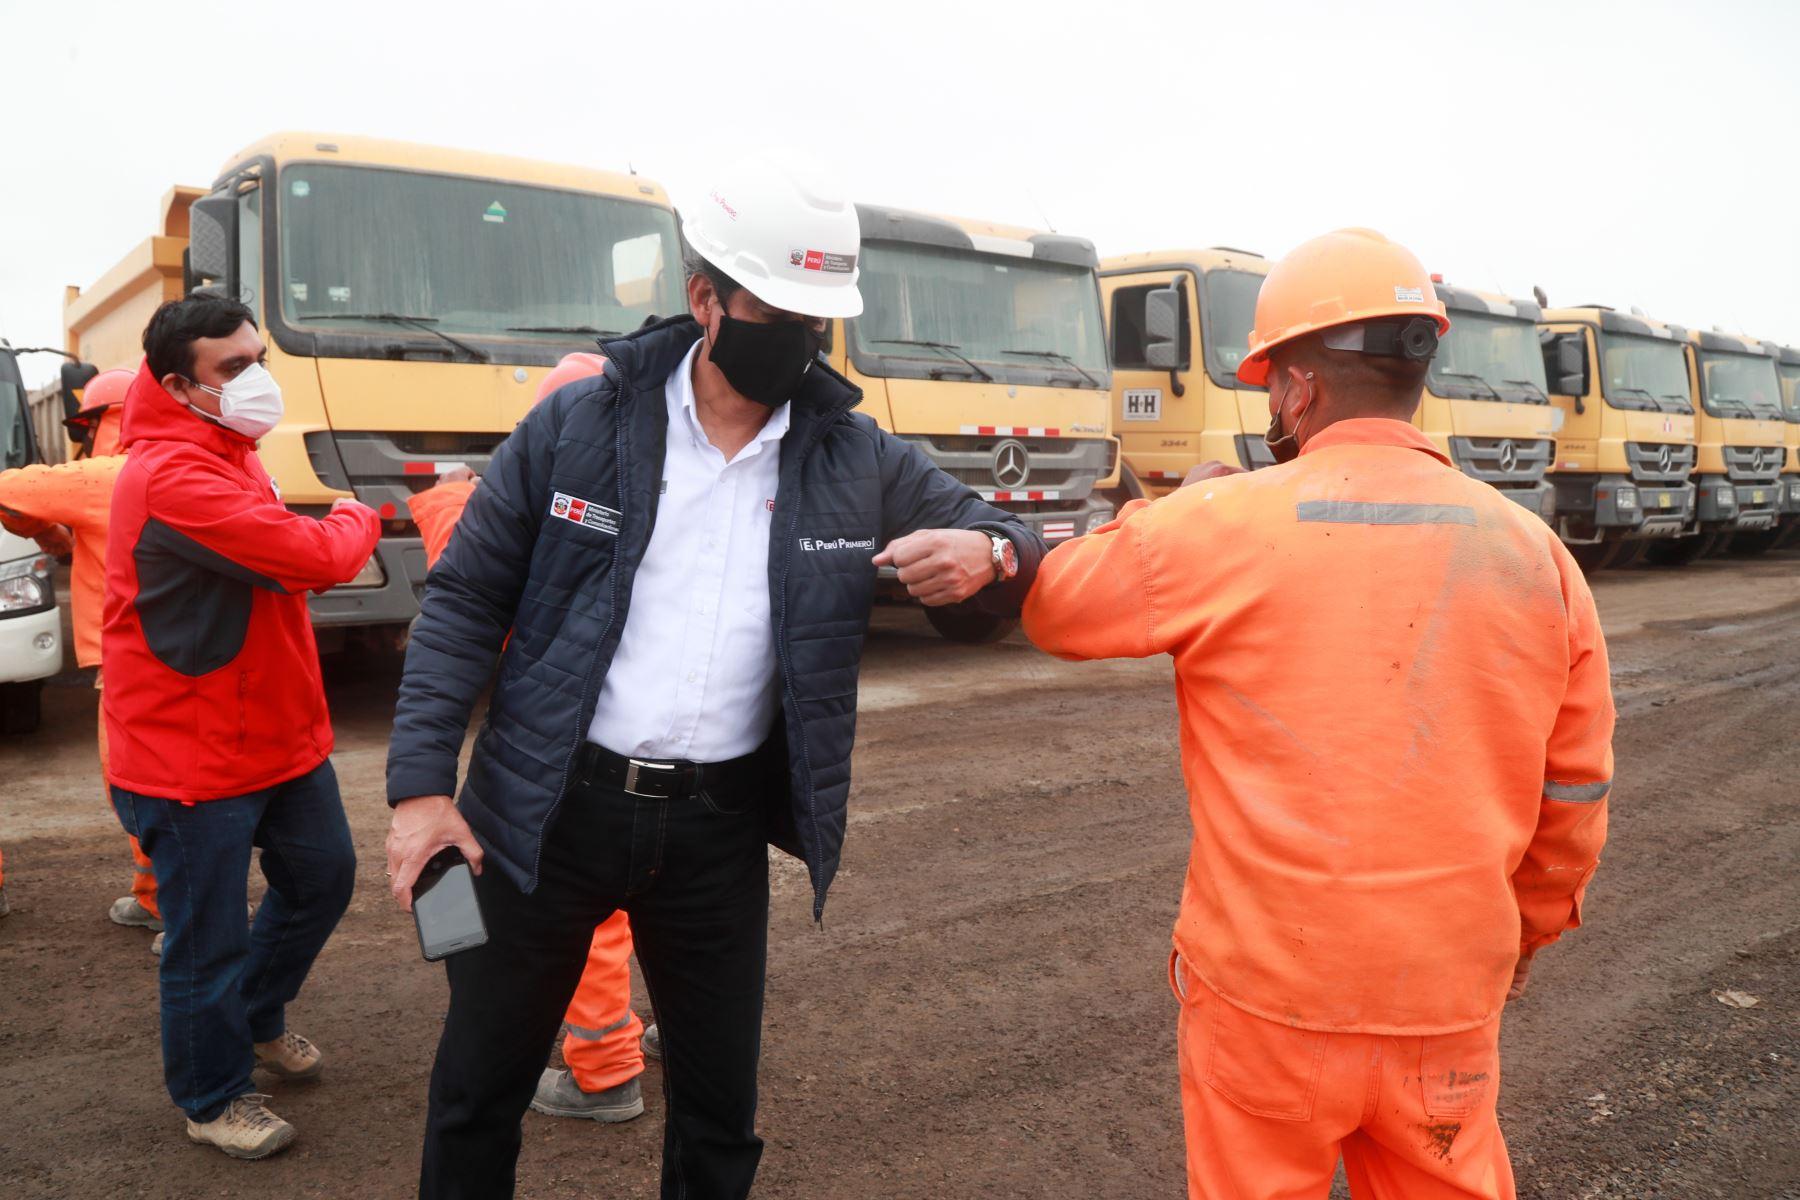 Como parte de las medidas, las herramientas son desinfectadas, los obreros deben utilizar mascarillas, se entrega alcohol gel y se mantiene el distanciamiento social. Foto: MTC